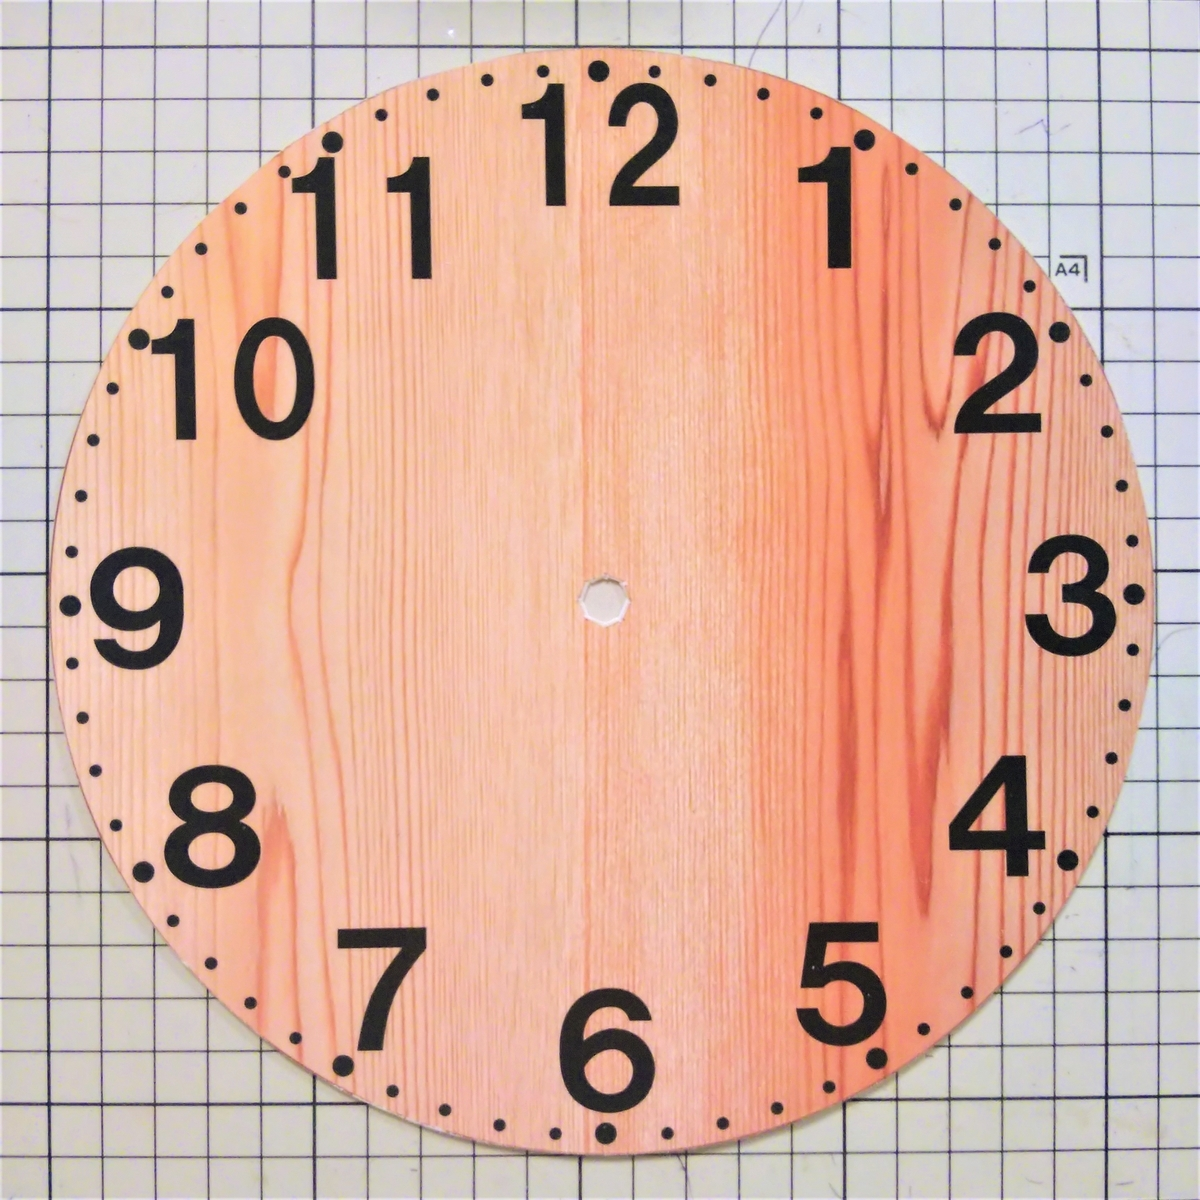 プラバン時計④ 文字盤を貼って、カットする